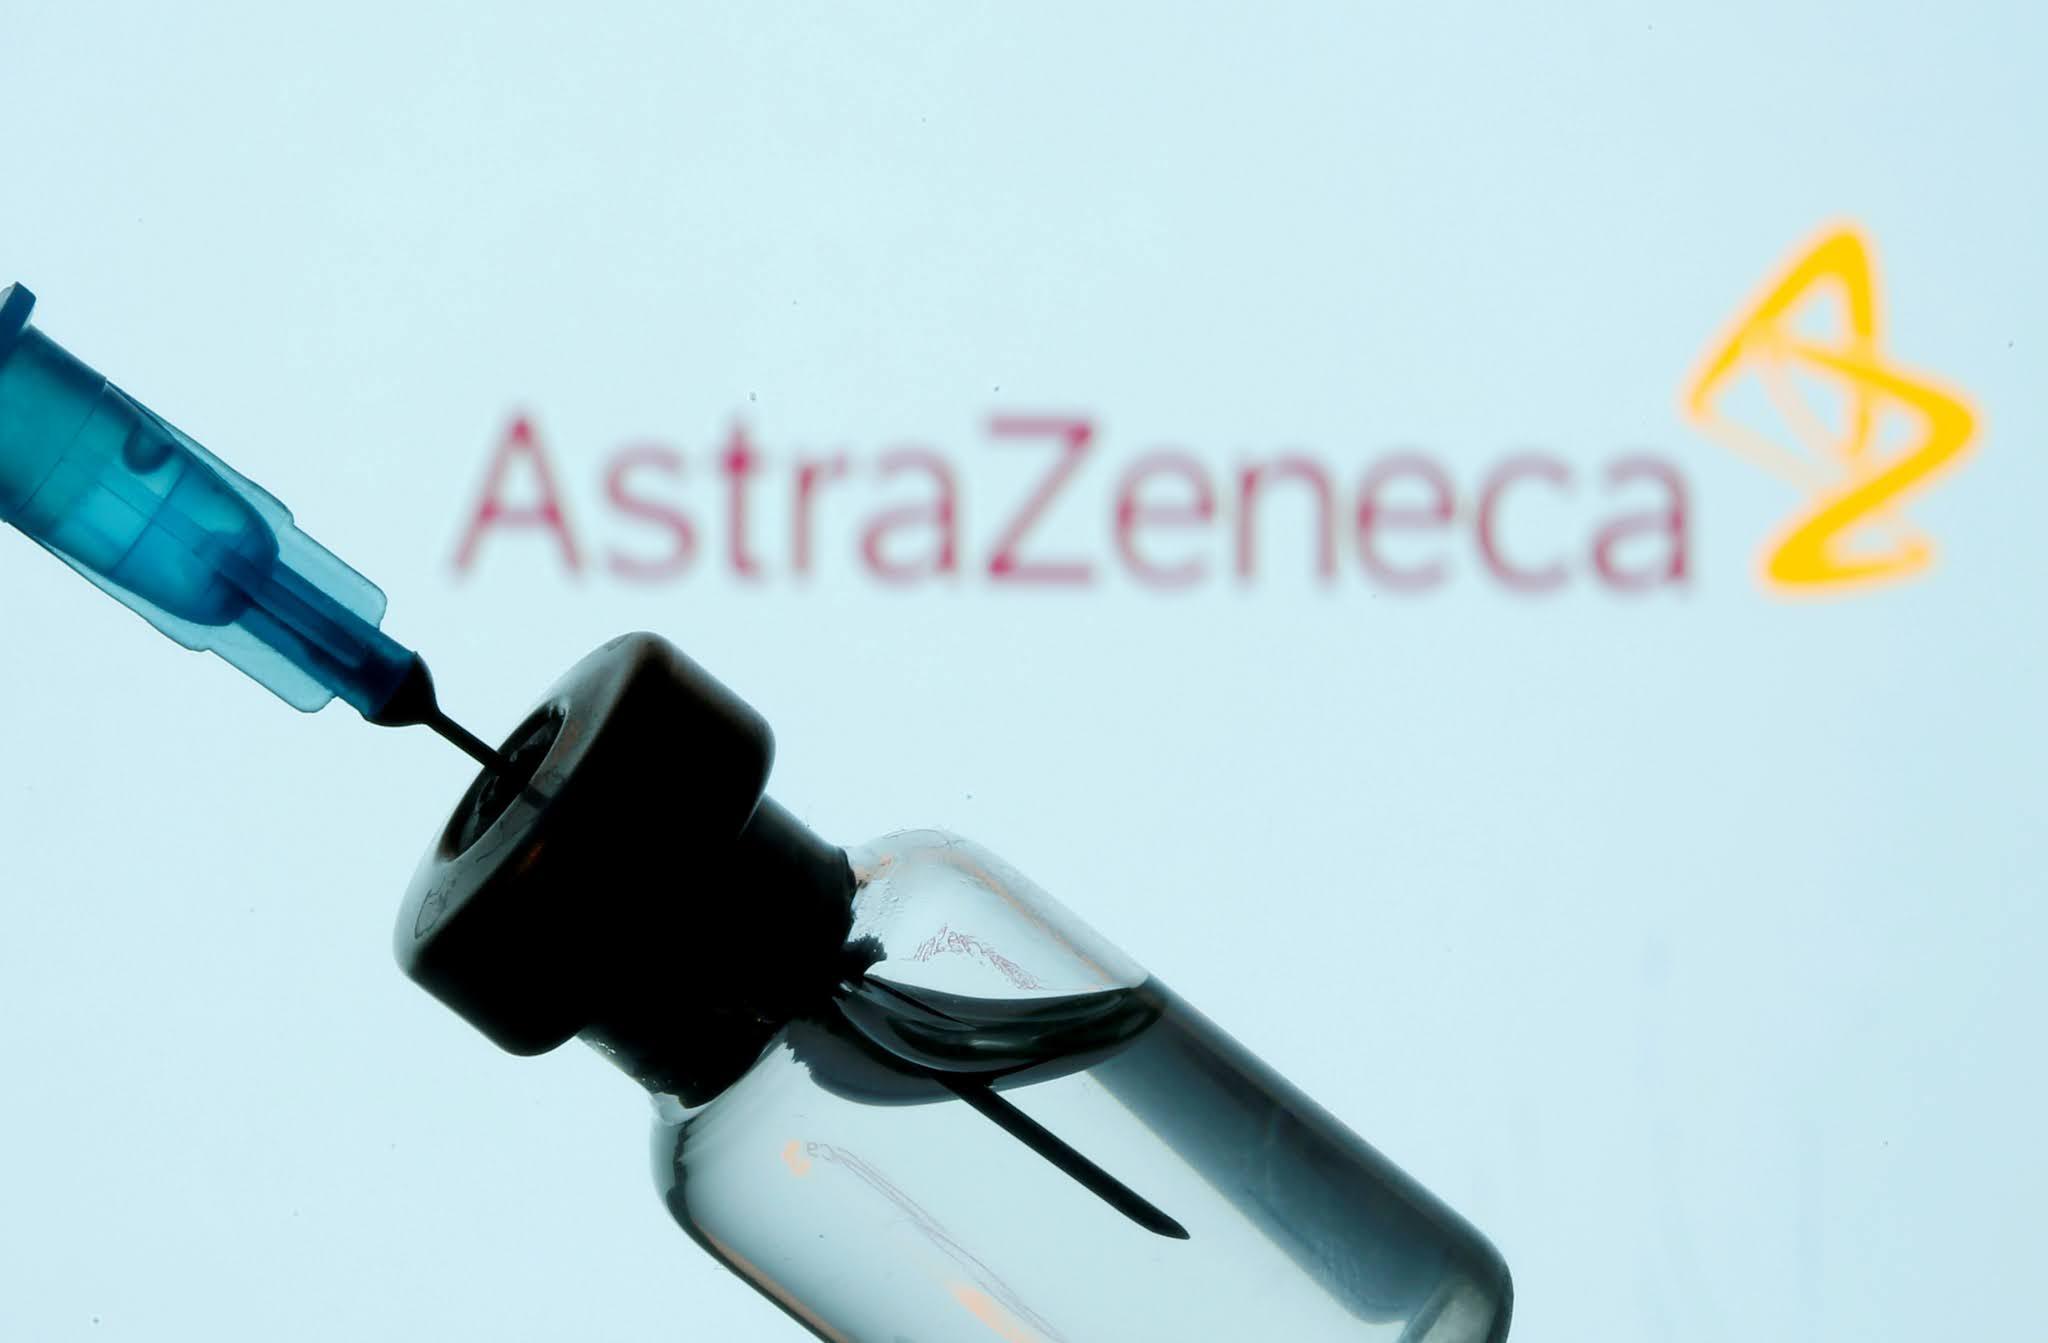 Argentina recibirá 2,2 millones de dosis de vacunas contra COVID-19 por el sistema COVAX de la OMS